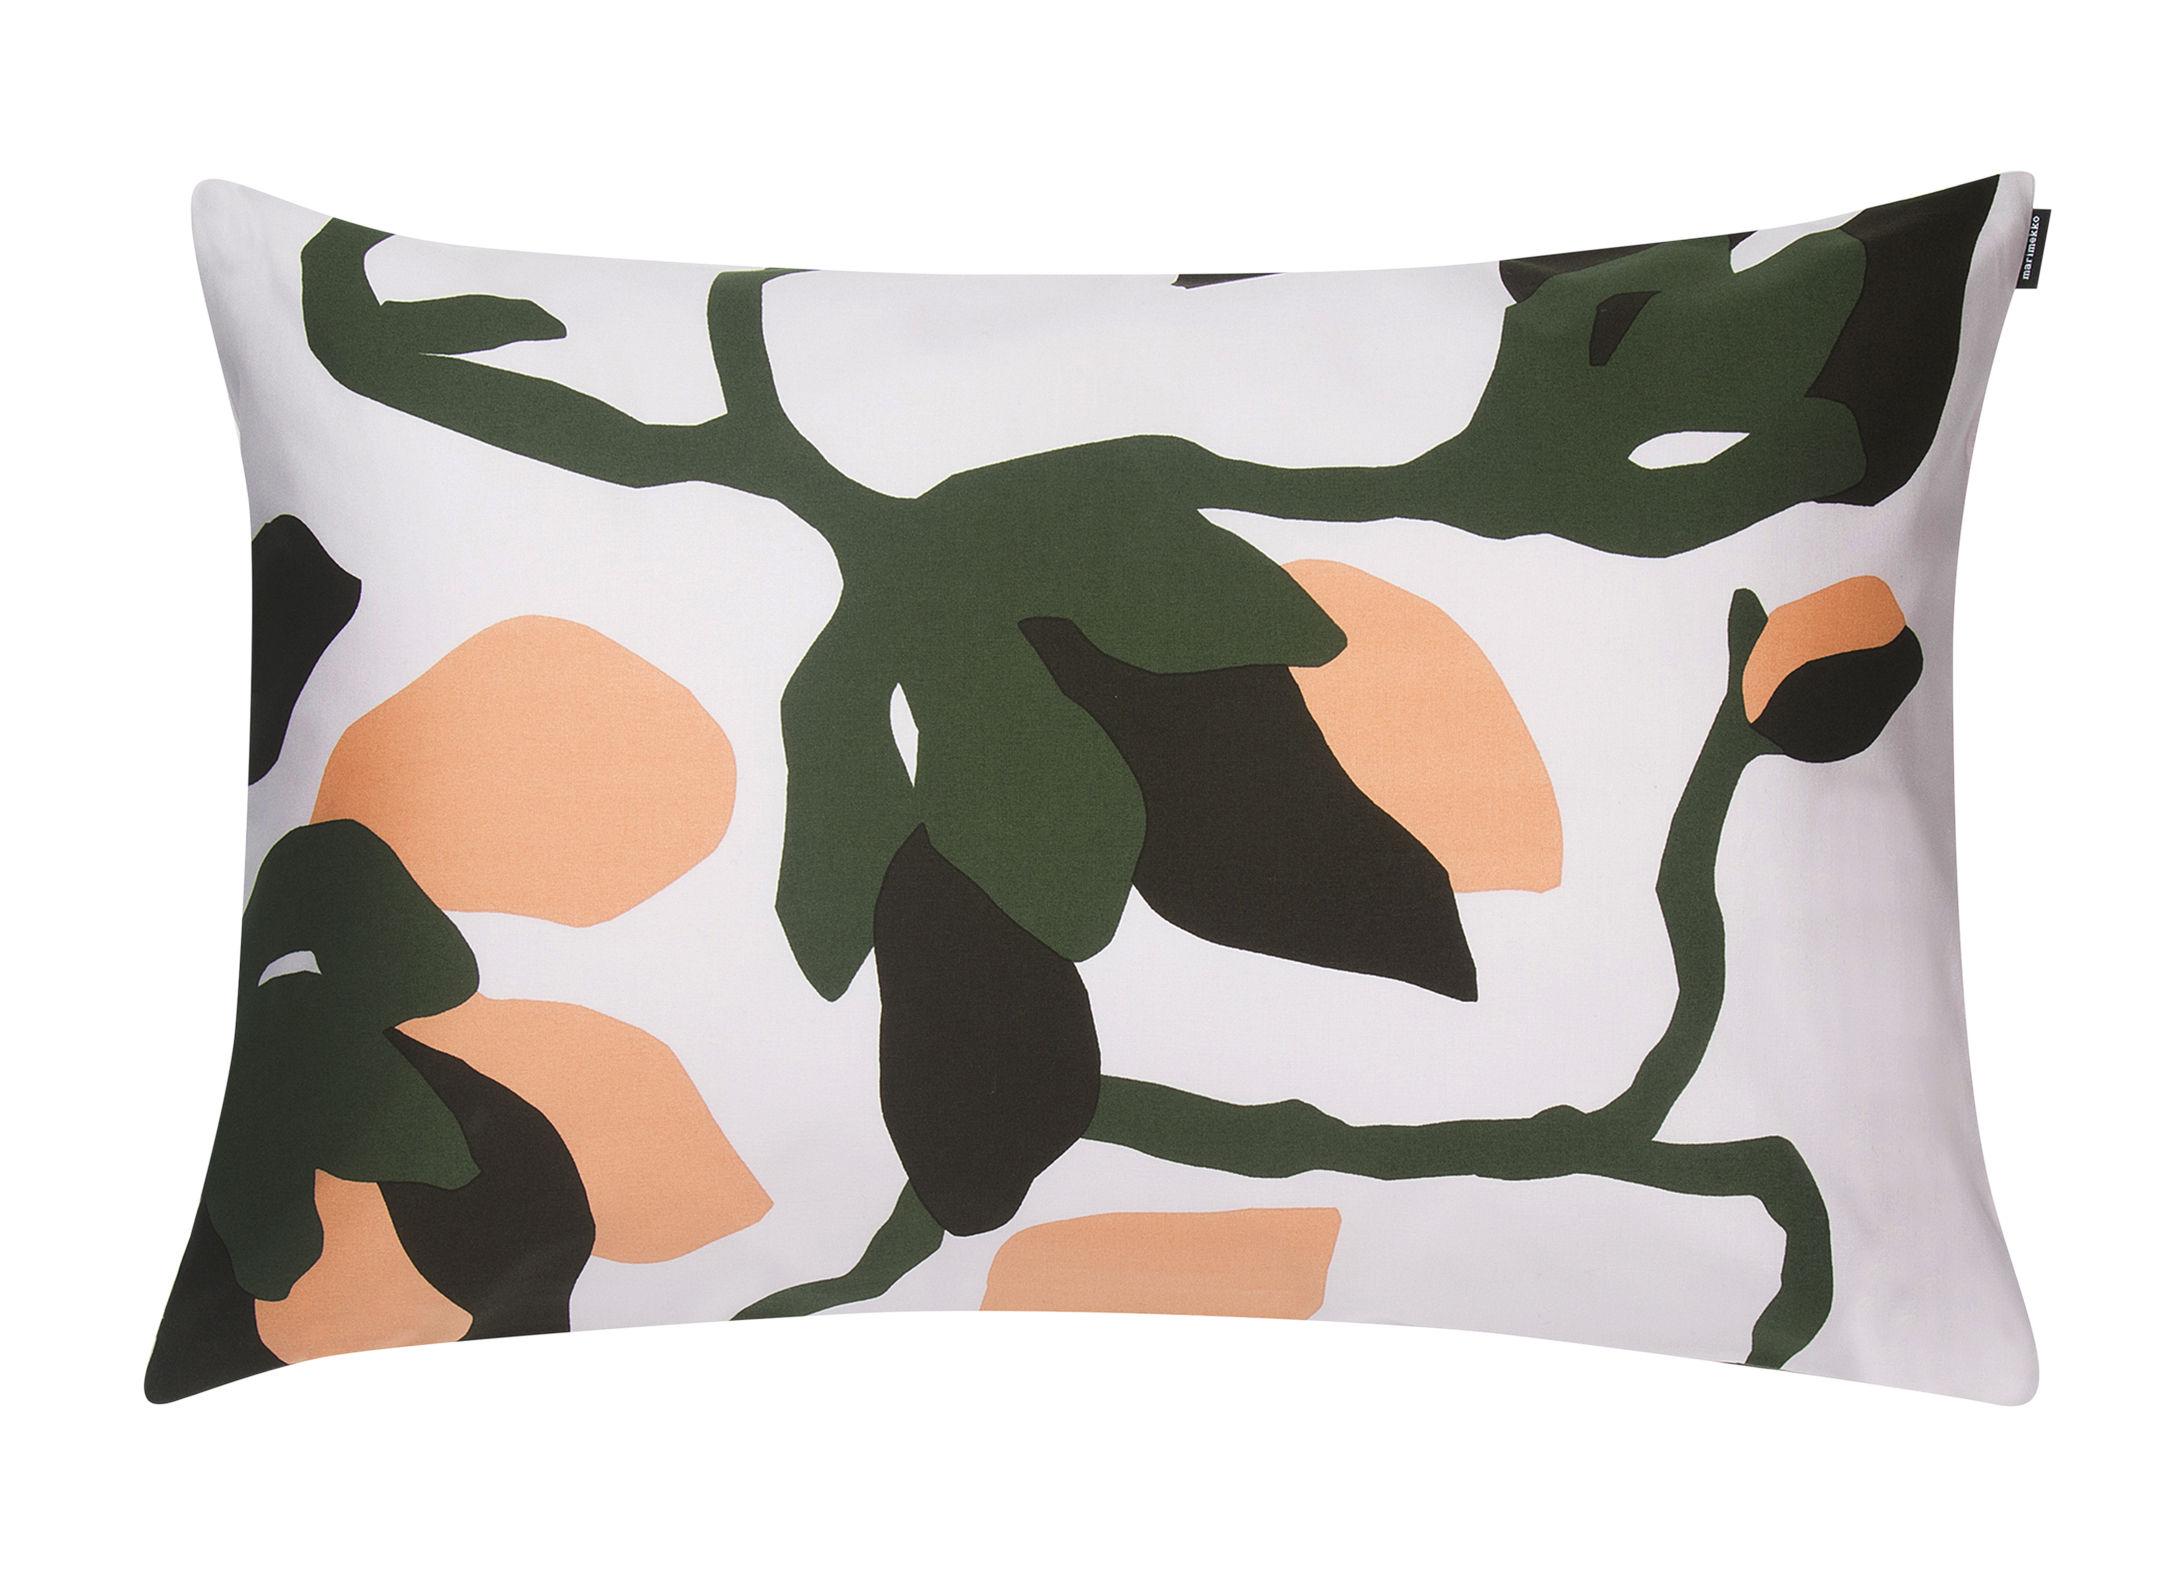 Interni - Tessili - Foodera cuscino Mielitty - / 60 x 40 cm di Marimekko - Mielitty / Bianco, verde & pesca - Cotone